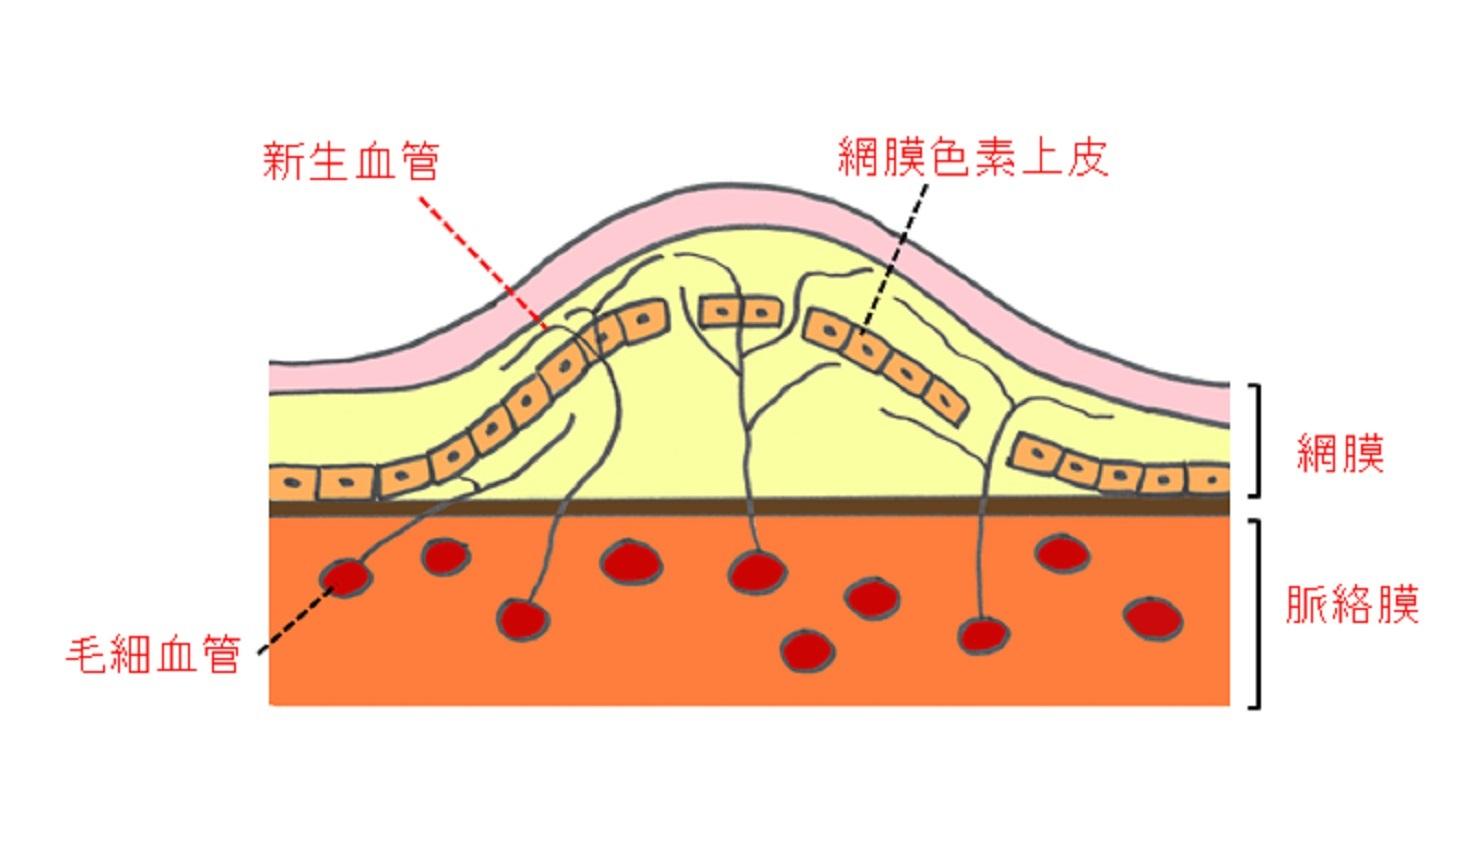 黄斑部の申請血管と浮腫